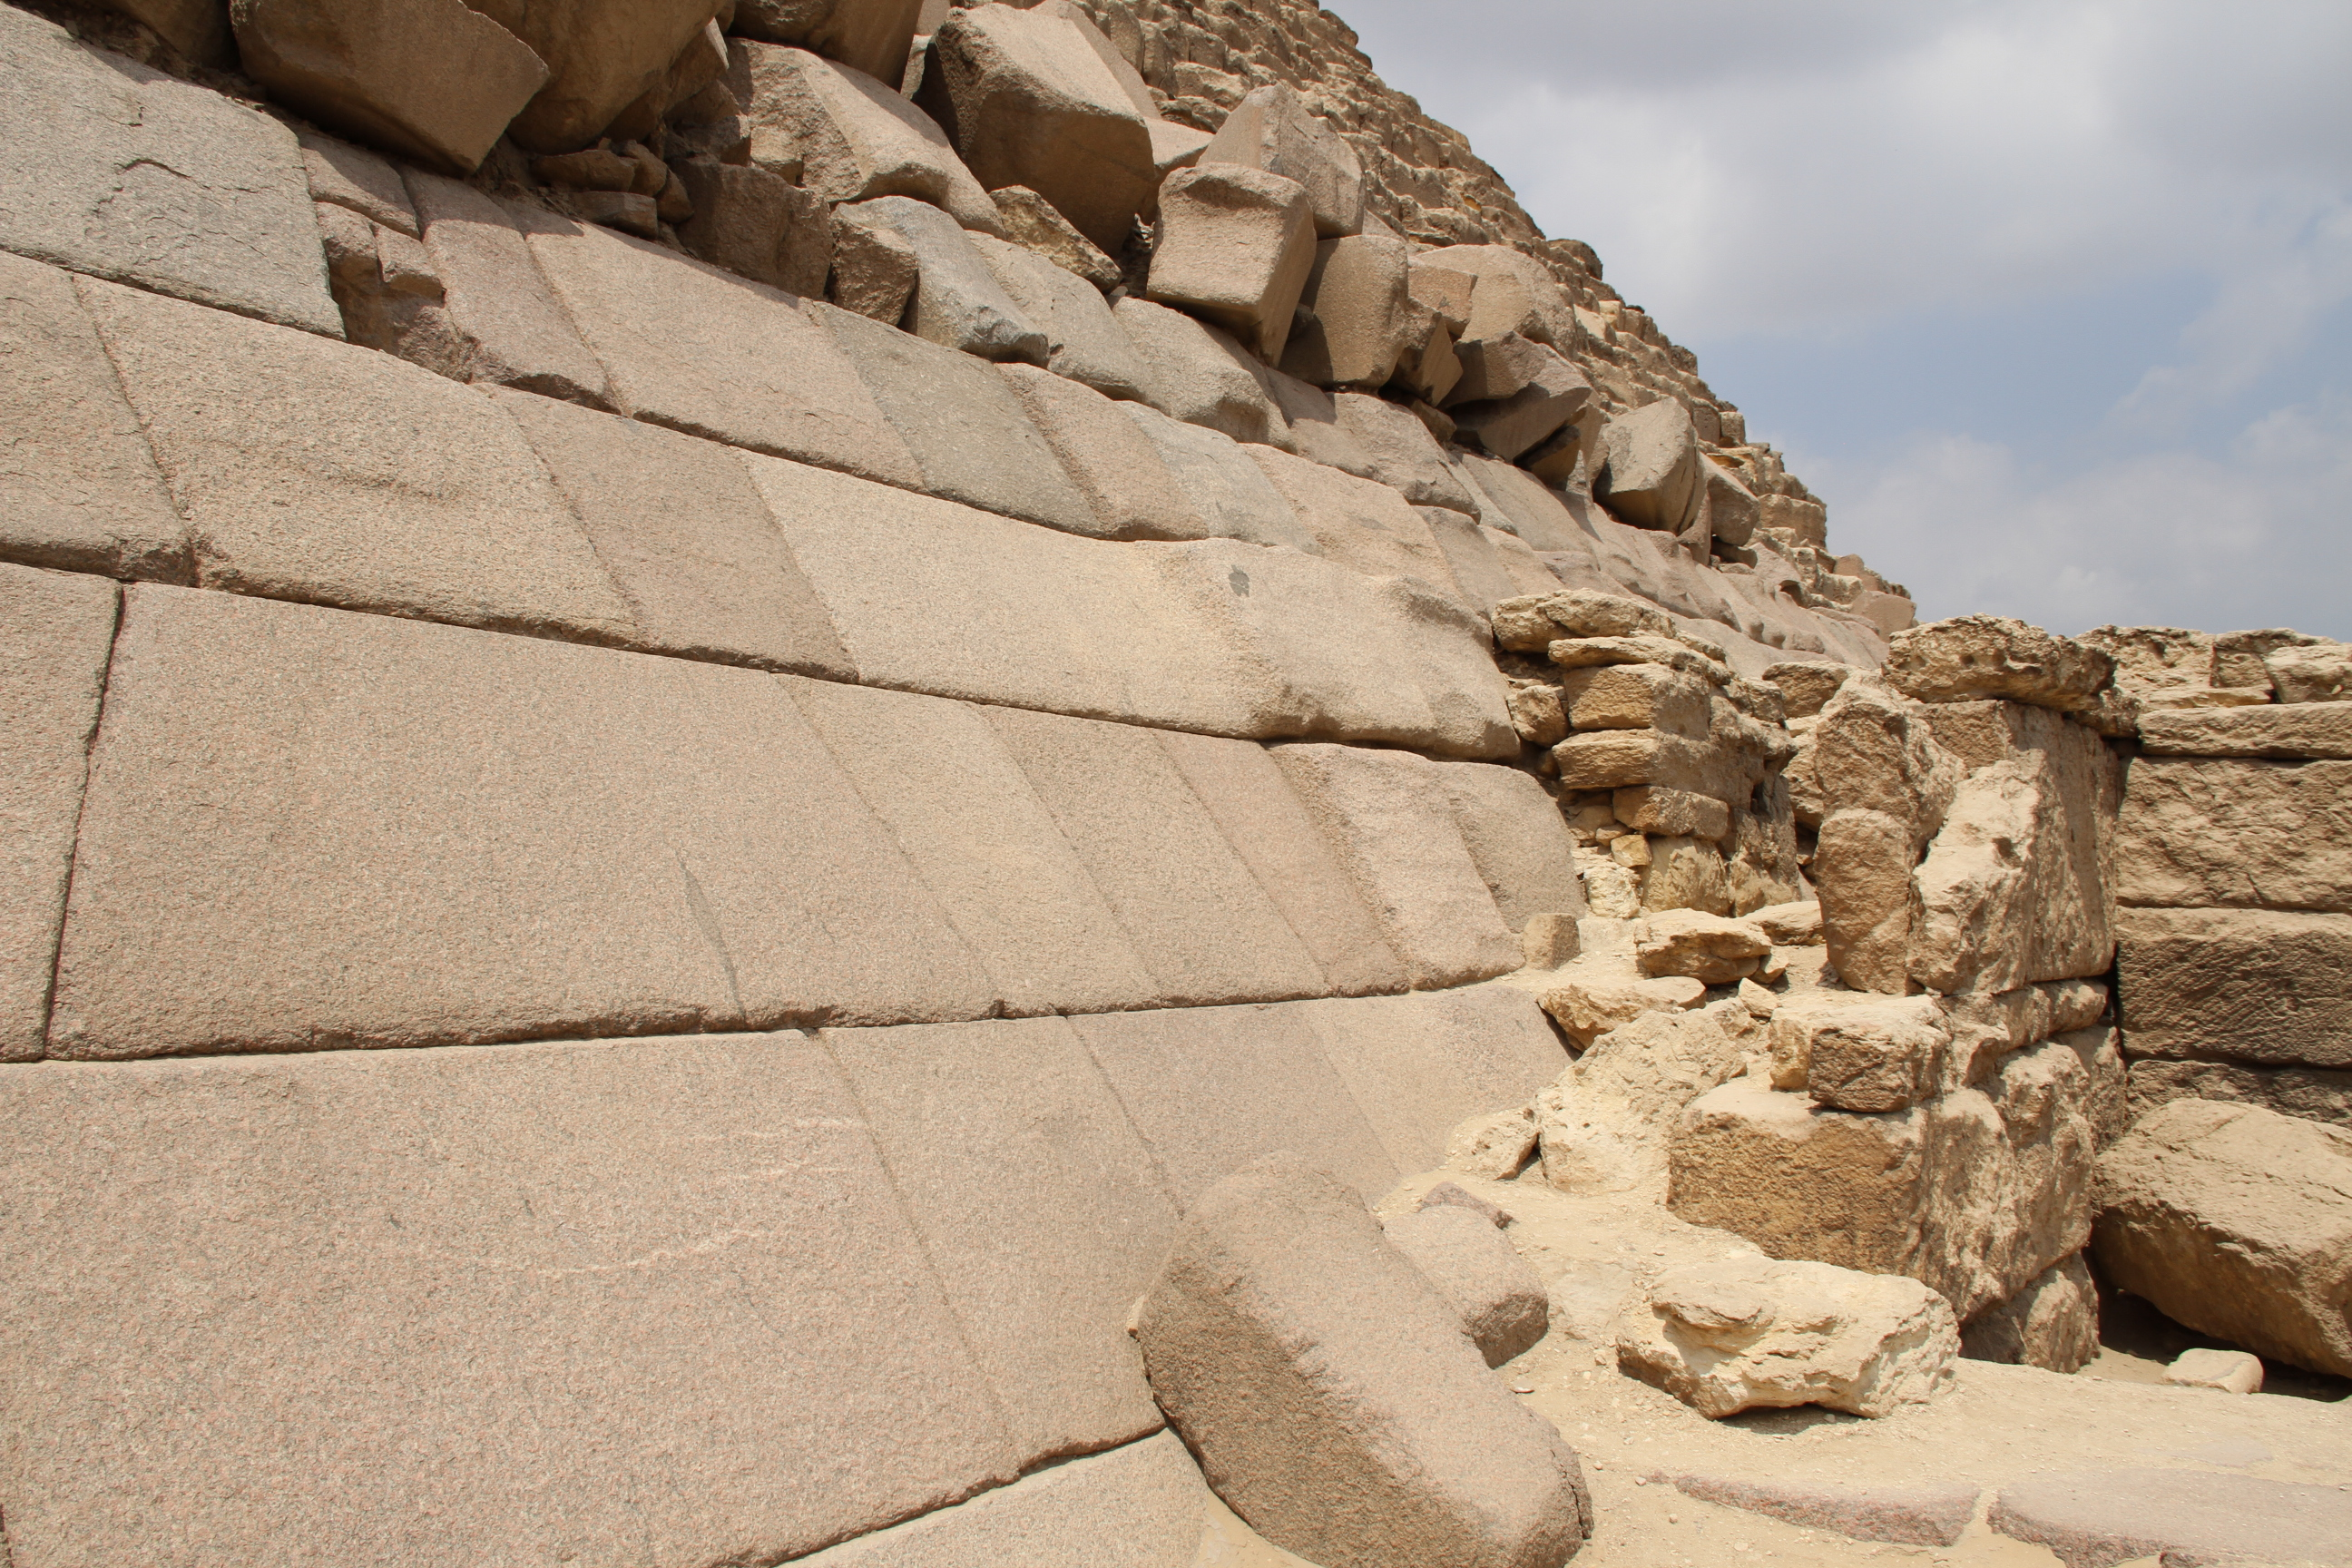 Гранитная облицовка пирамиды Менкаура. Видно, что поверхность блоков стали выравнивать, но незакончили